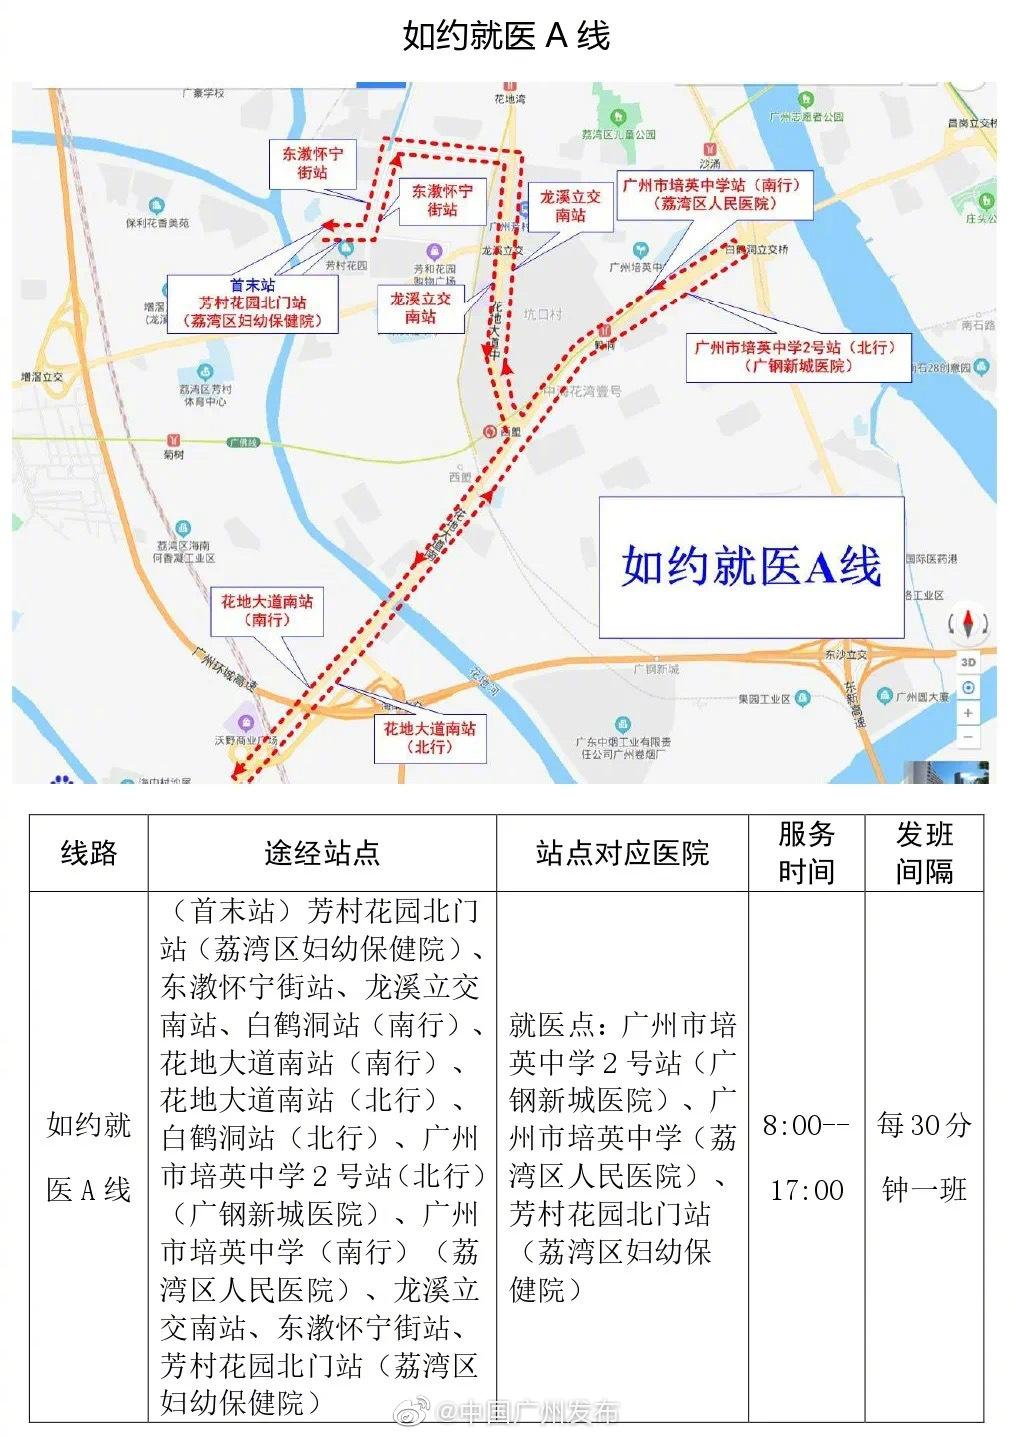 3条线路免费运行!广州荔湾芳村片区群众如约就医乘车指引